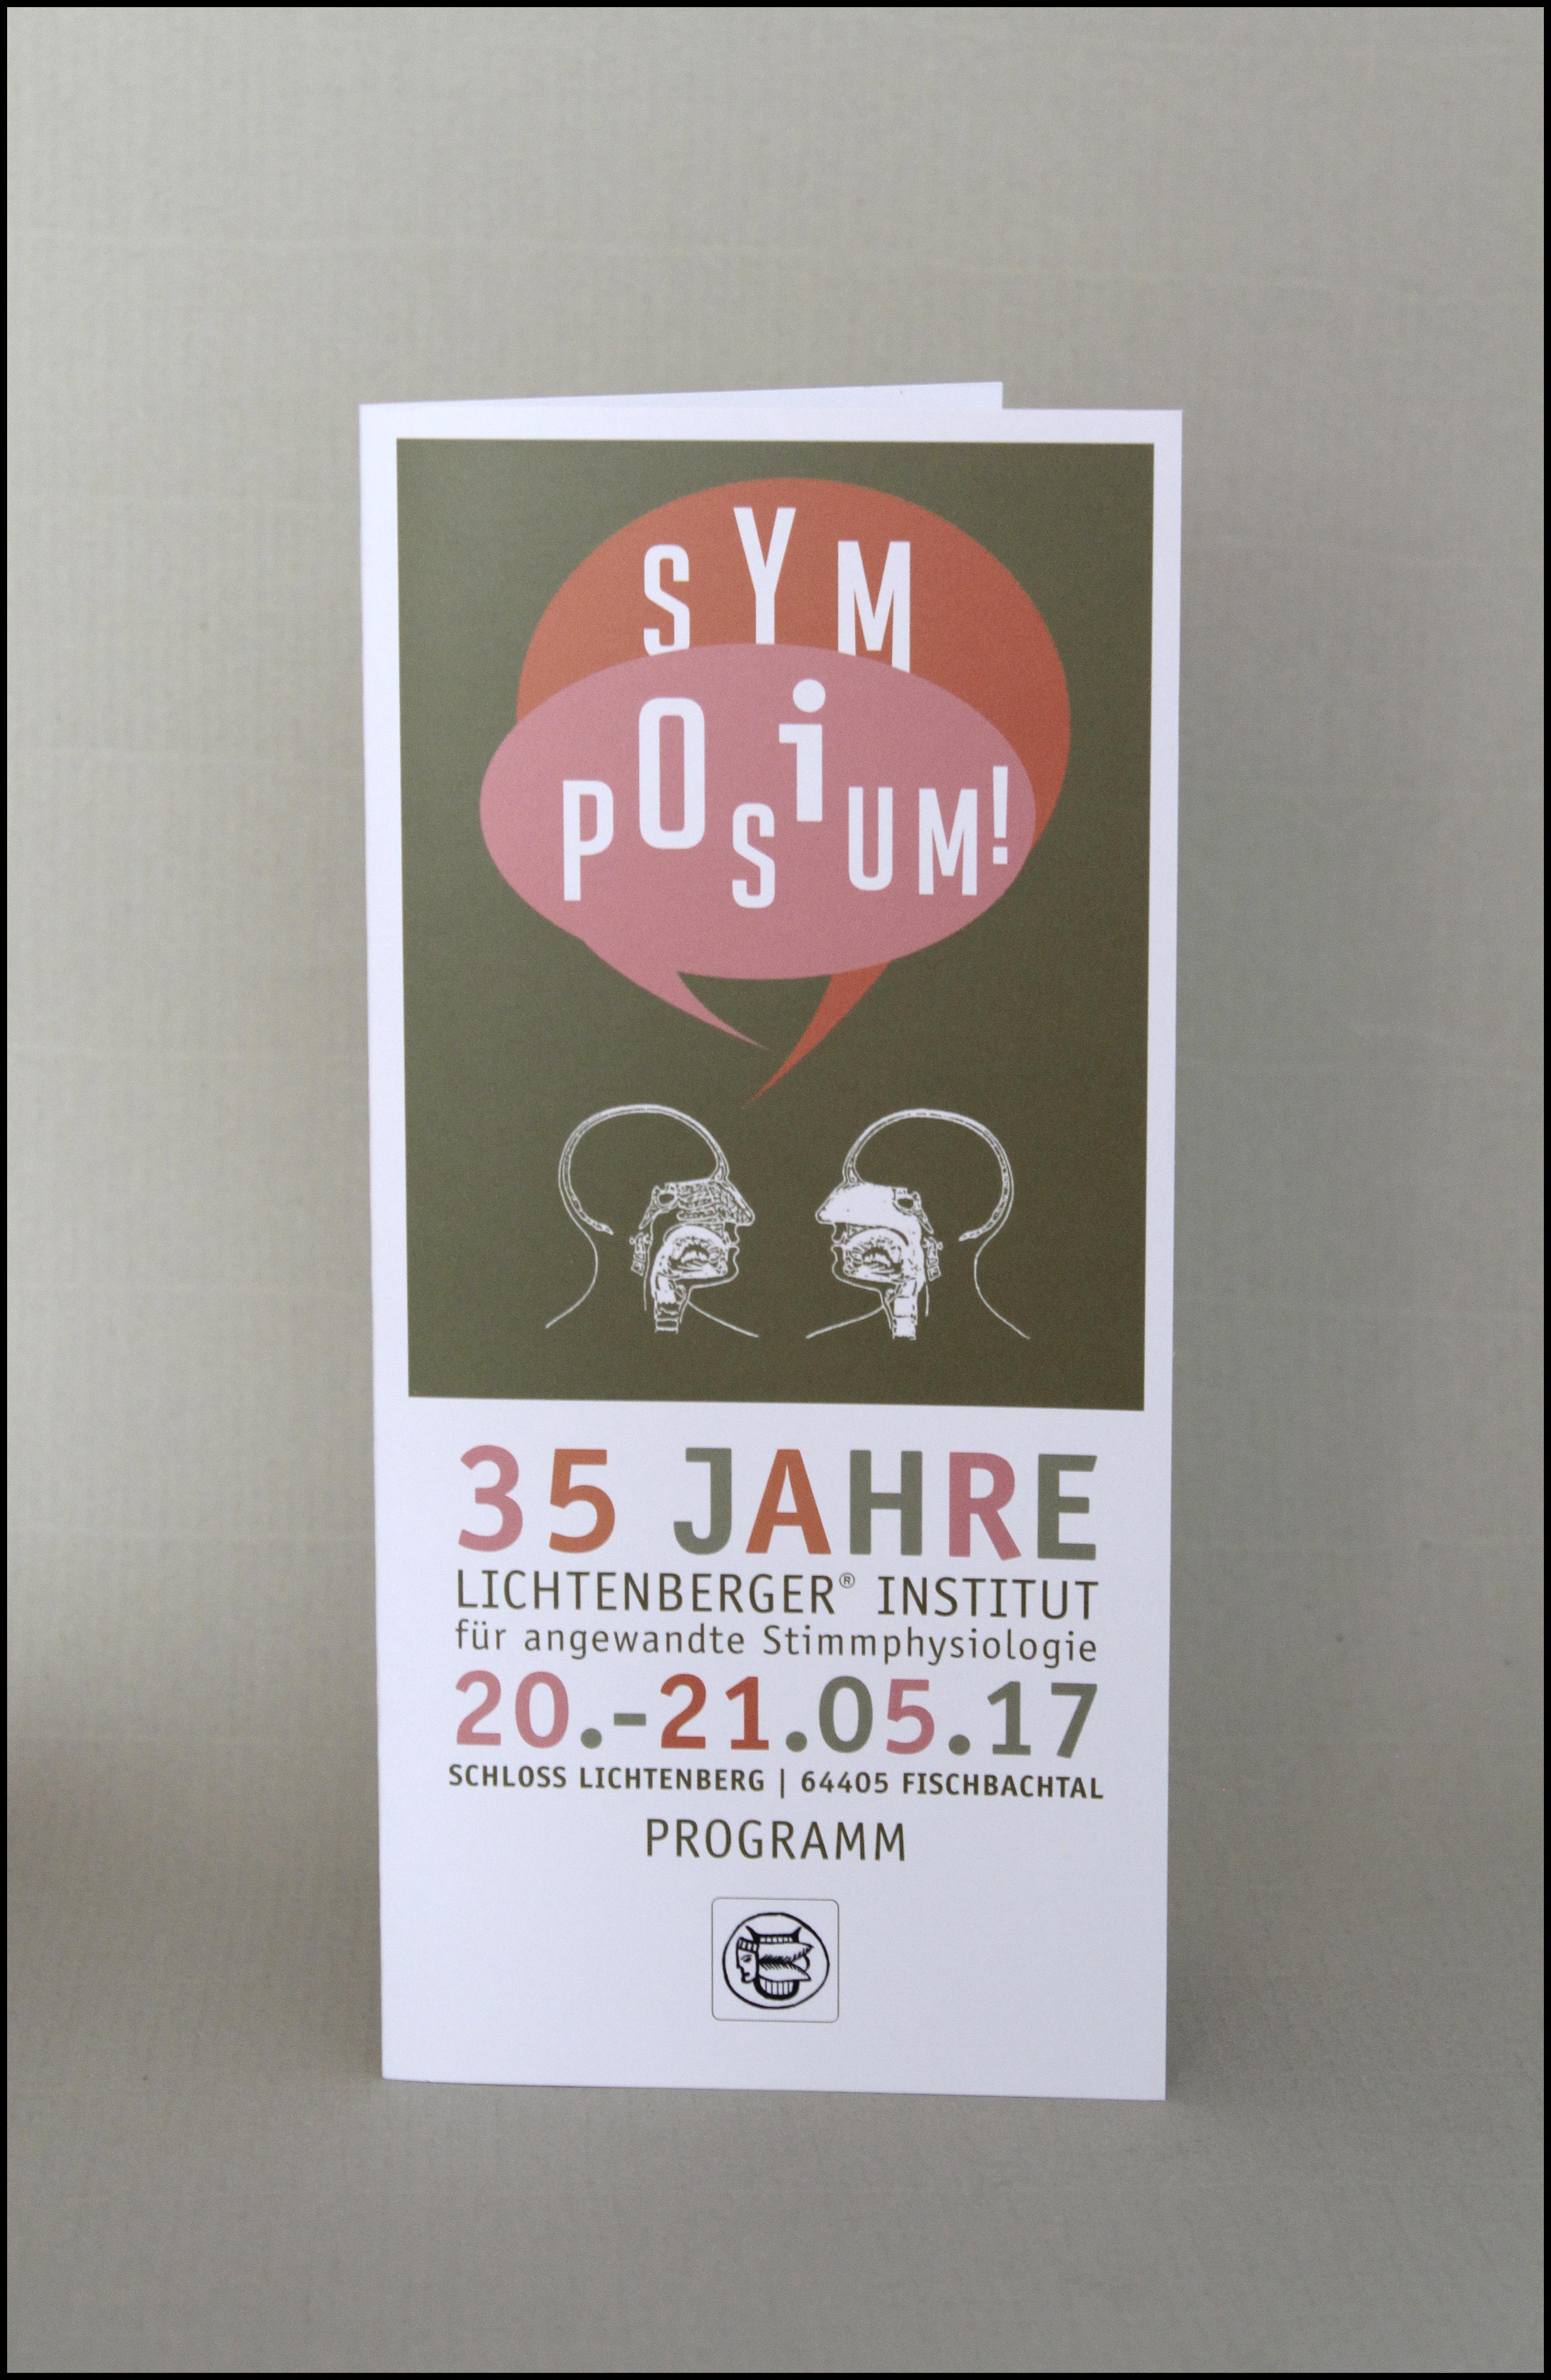 Jubiläumsprogramm_Lichtenberger_Instit